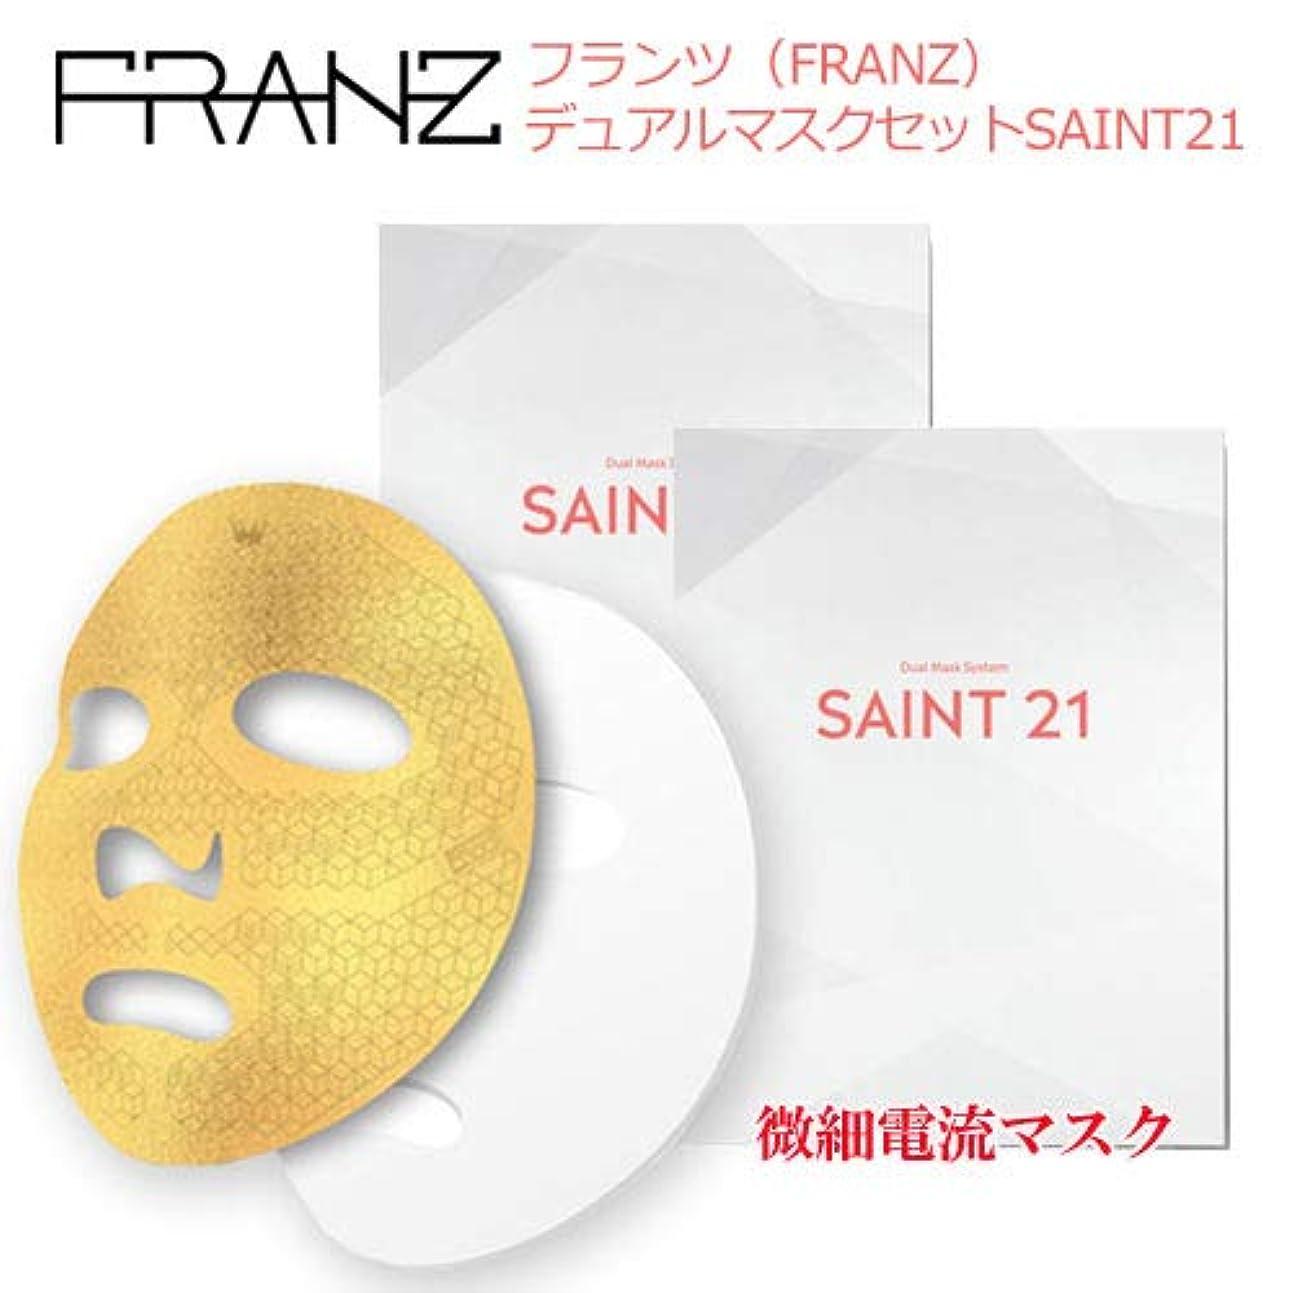 アンソロジー正しく護衛フランツ(FRANZ)SAINT21,デュアルゴールドマスク 1箱(2枚入)×2箱セット微細電流マスク、ヒト幹細胞培養美容液 フェイスマスク シートパック